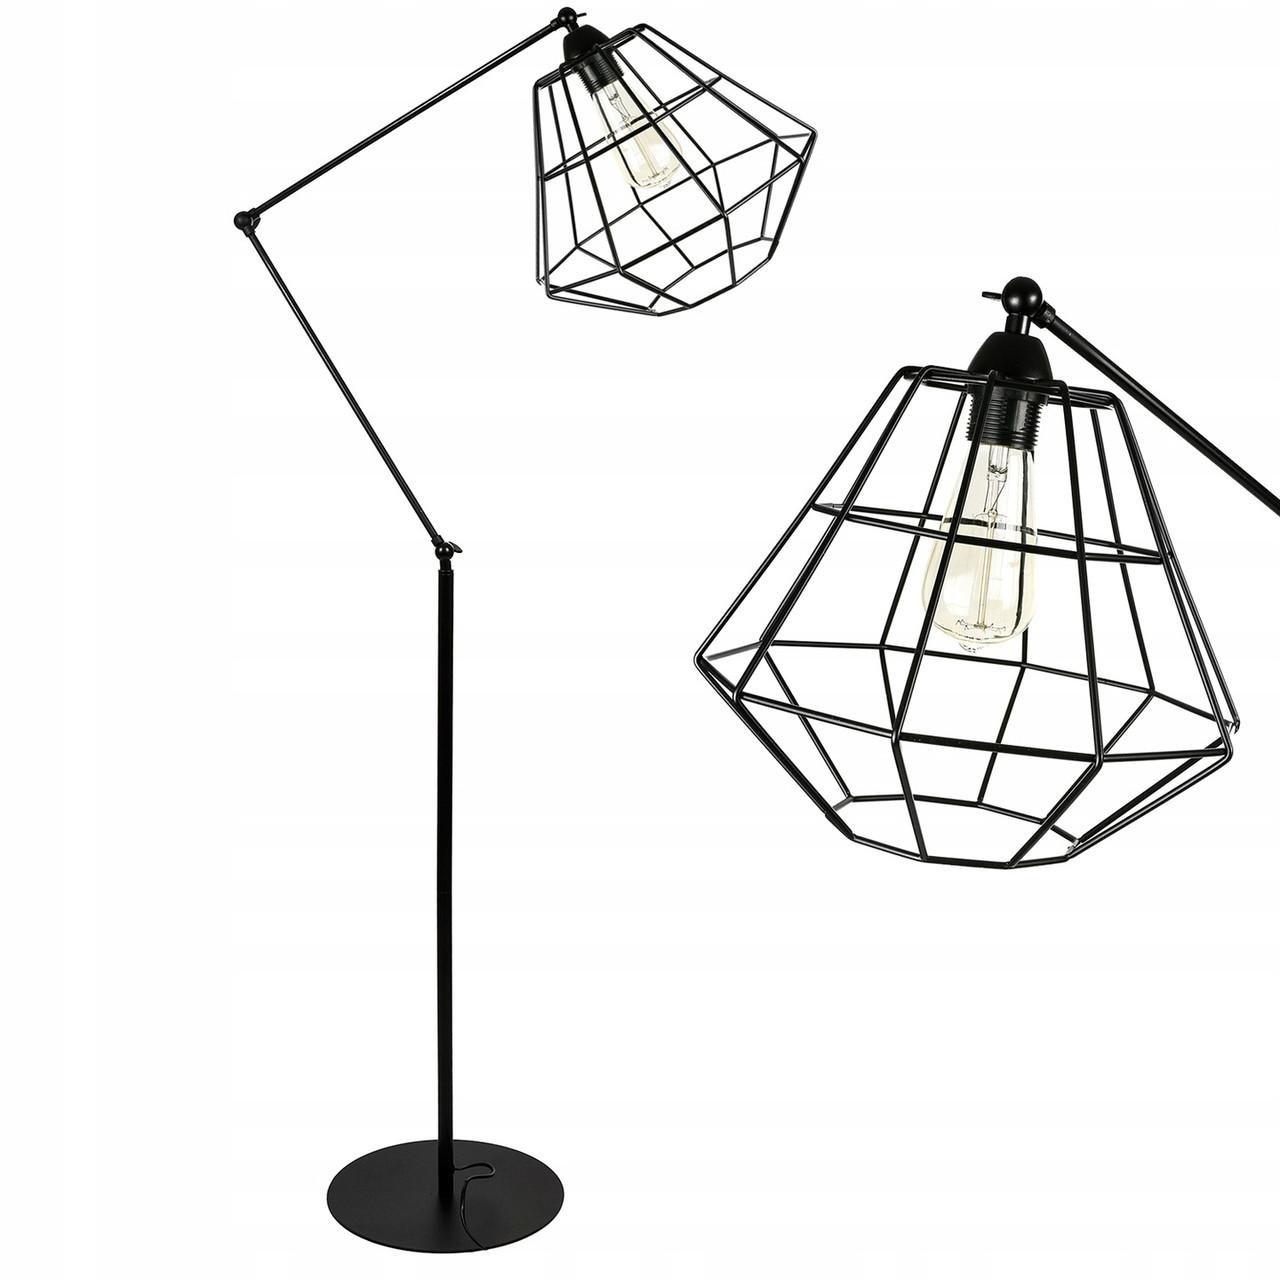 Лампа напольная, напольный светильник в стиле лофт LX-17540